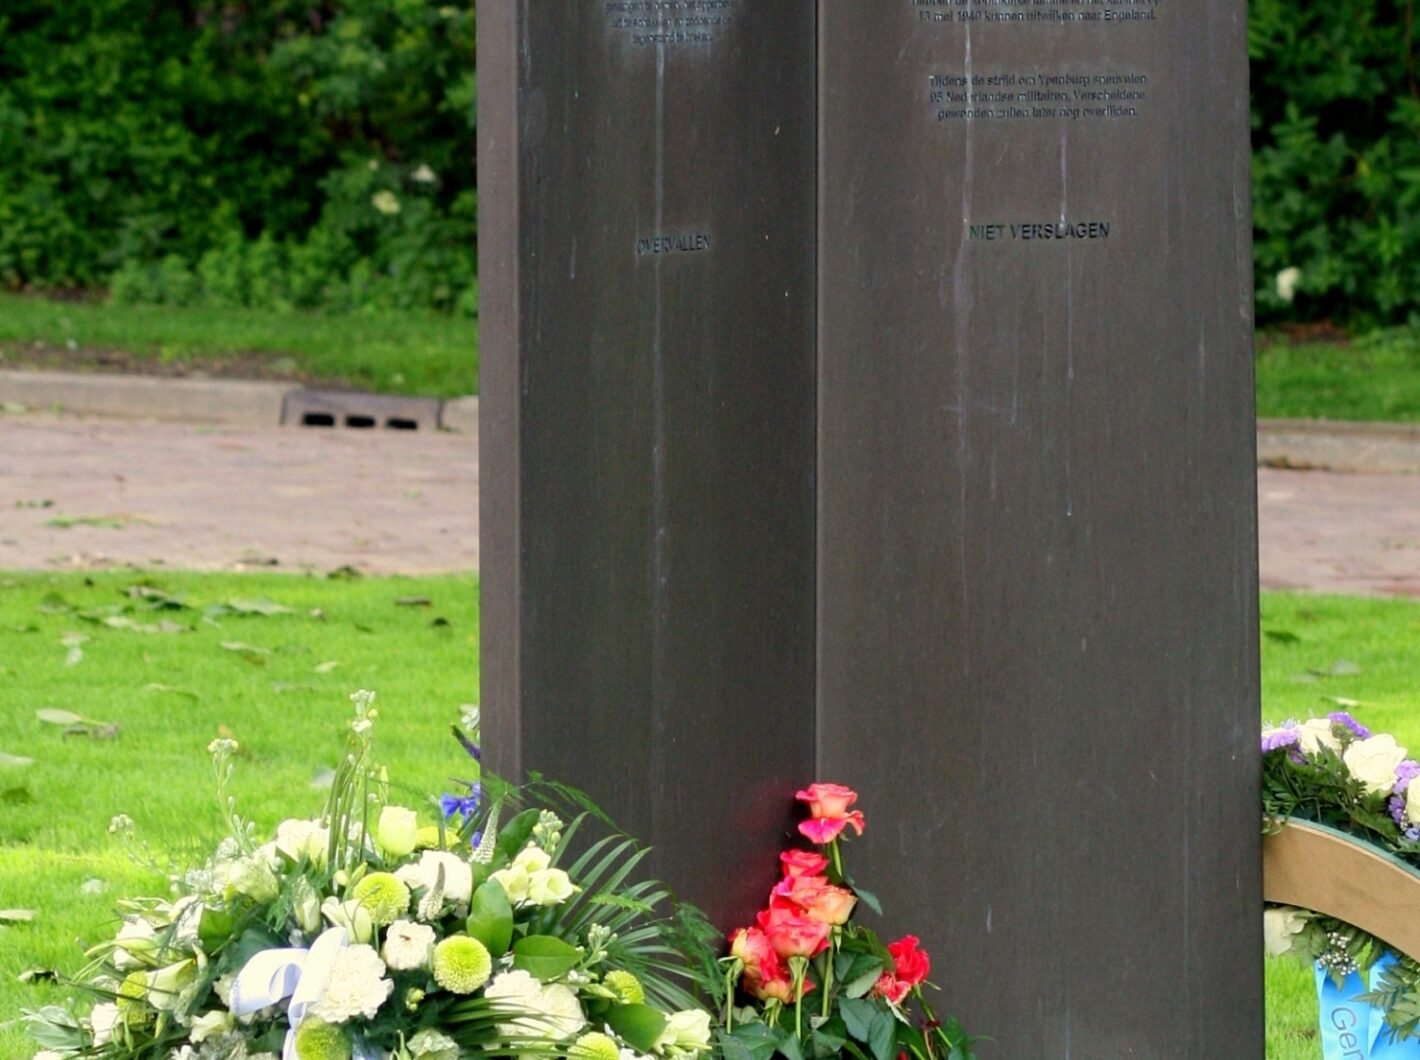 Kleiner deel monument Ypenburg